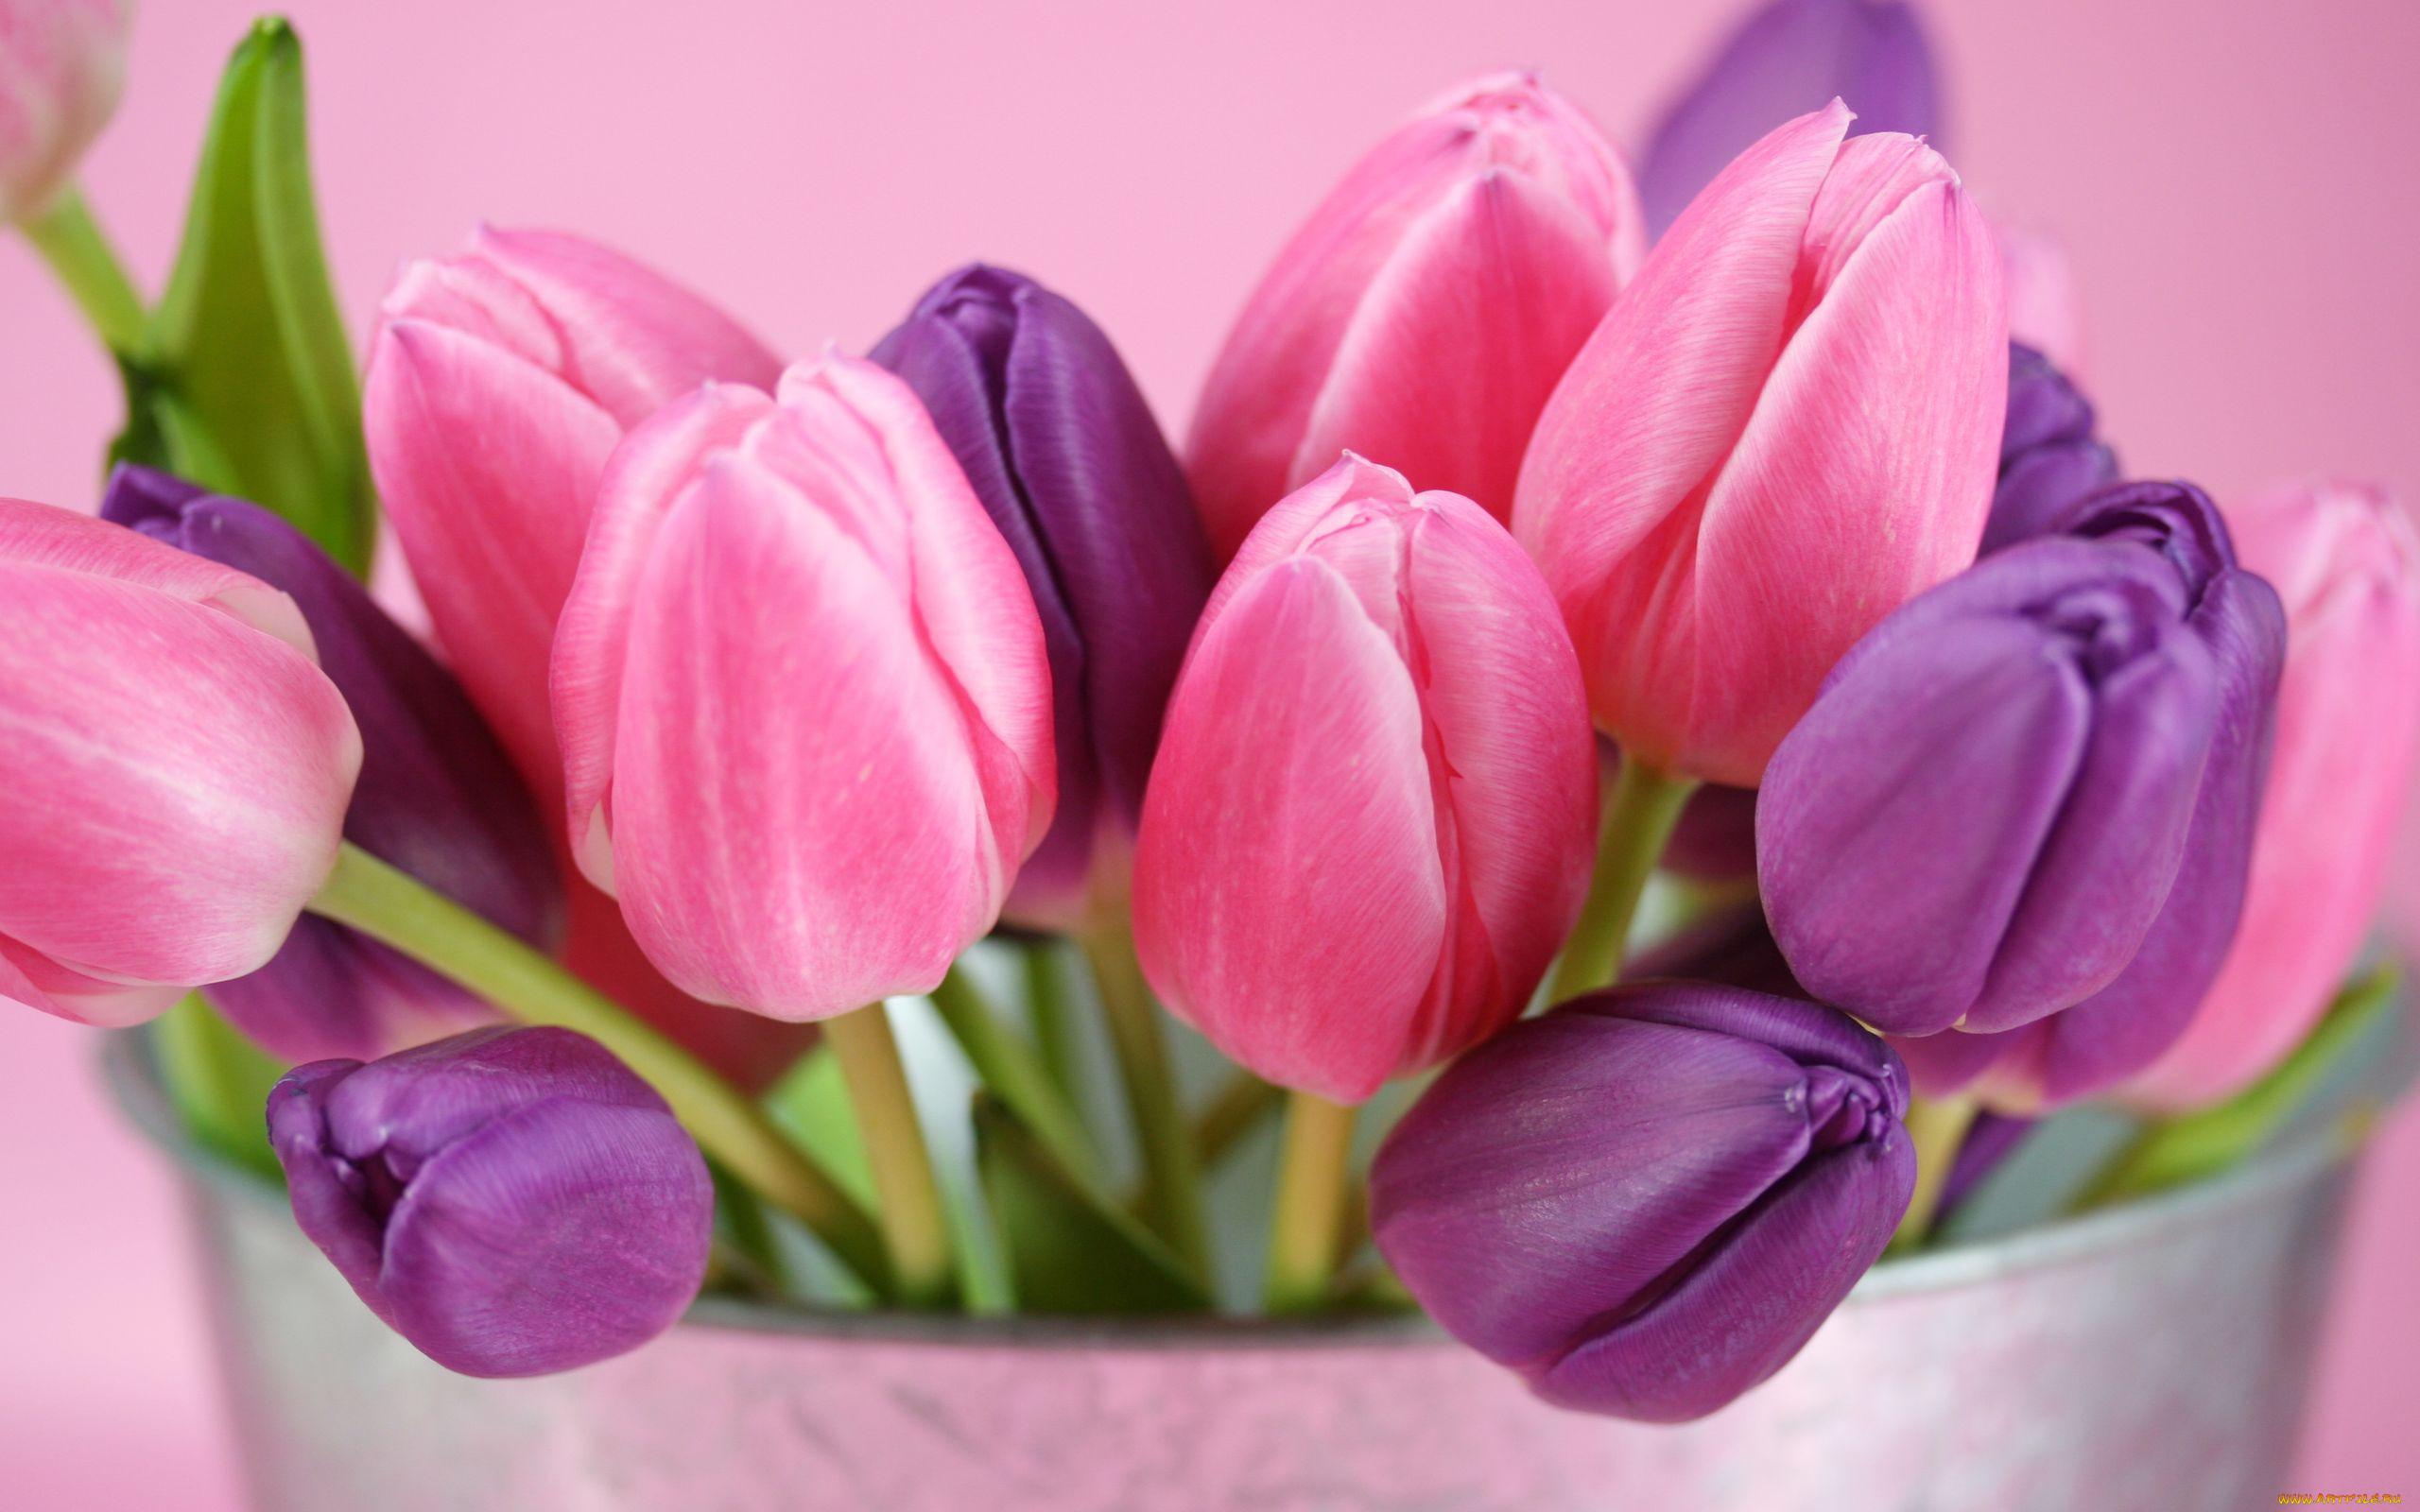 фото с тюльпанами на телефон куча назойливых, как